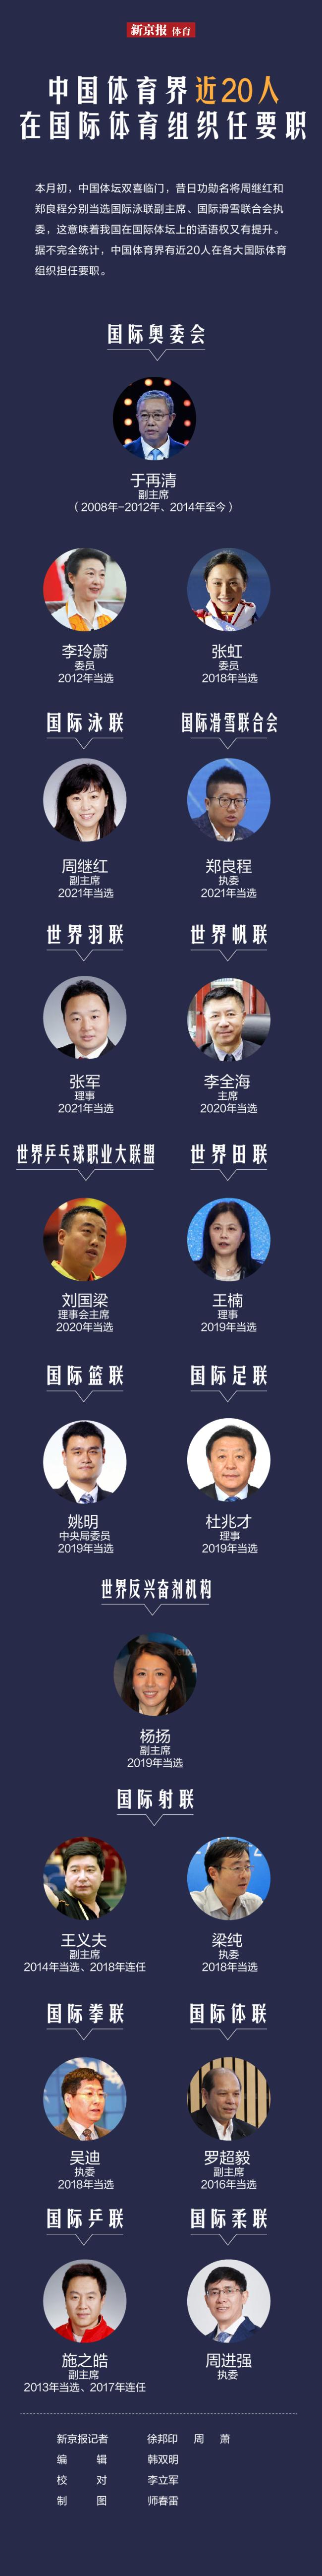 中国体育界近20人在国际体育组织任要职